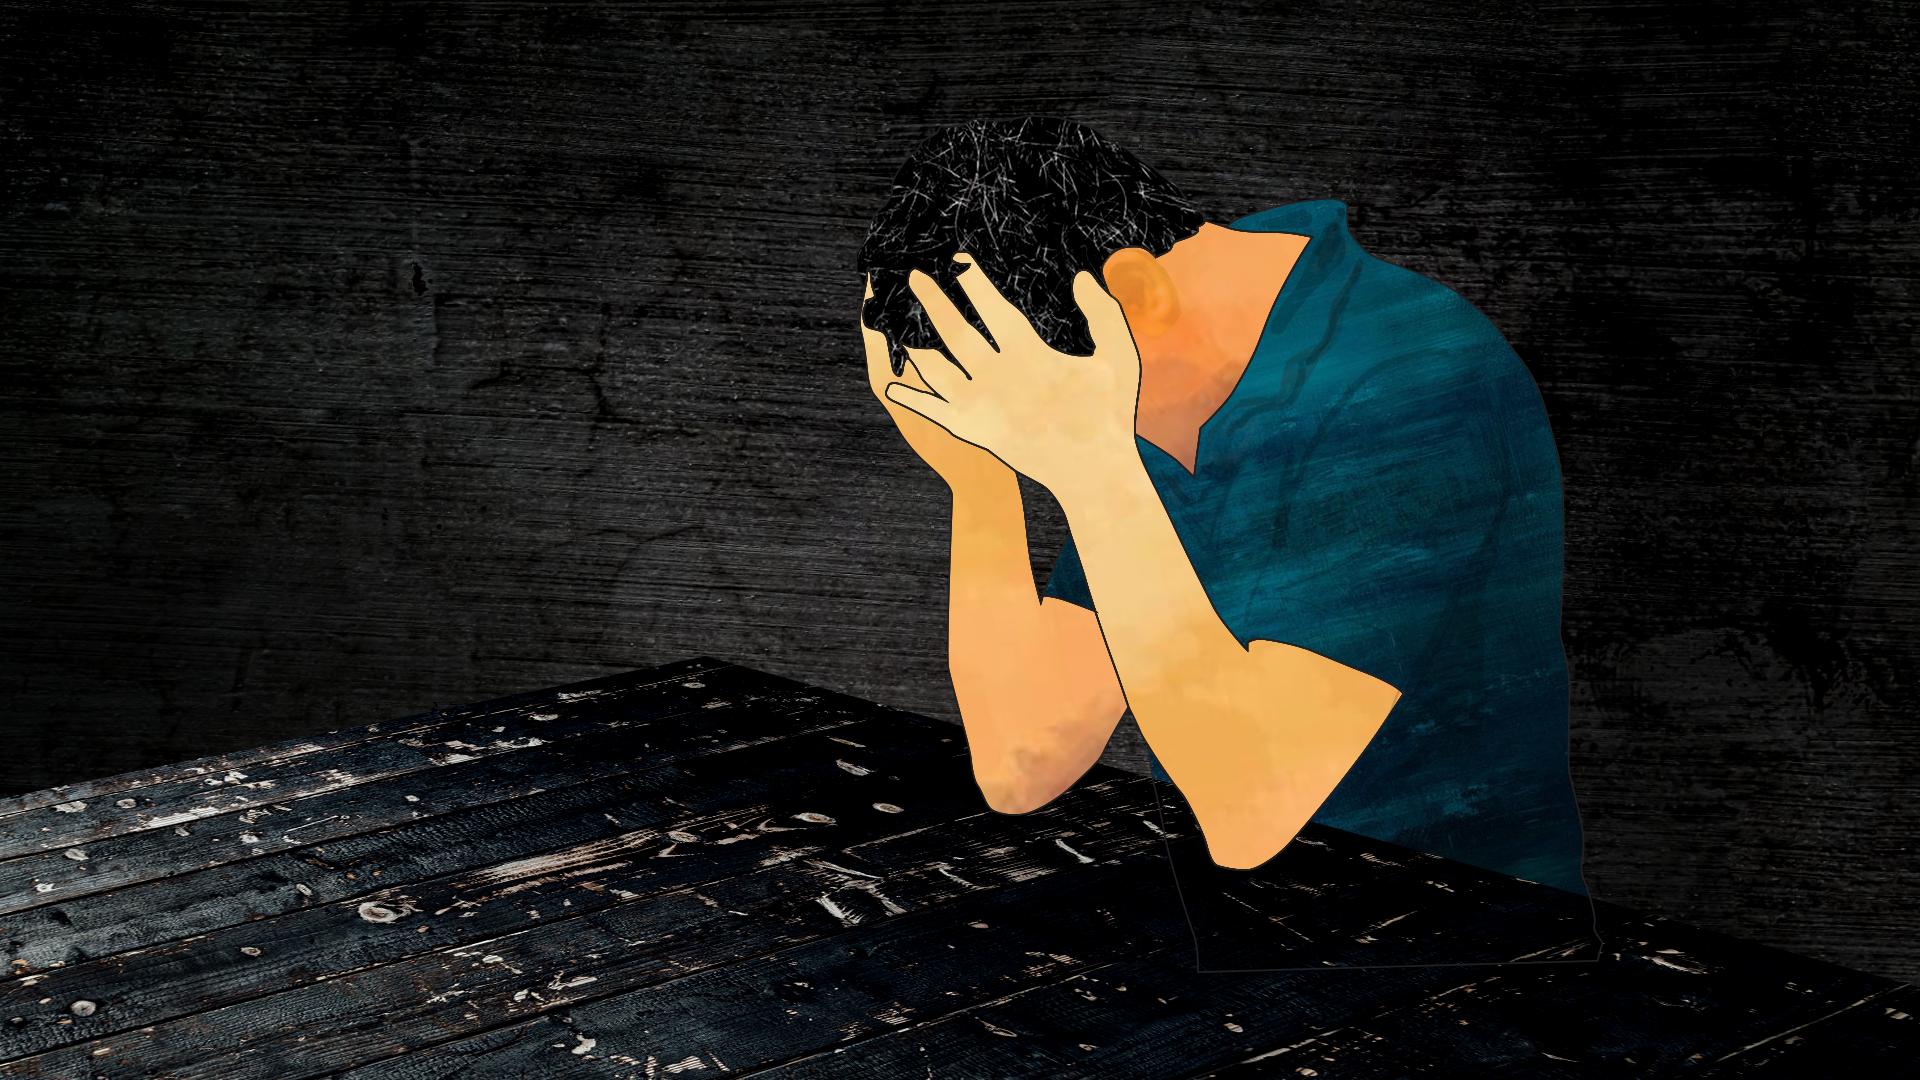 ilustracija Svetski dan prevencije samoubistva